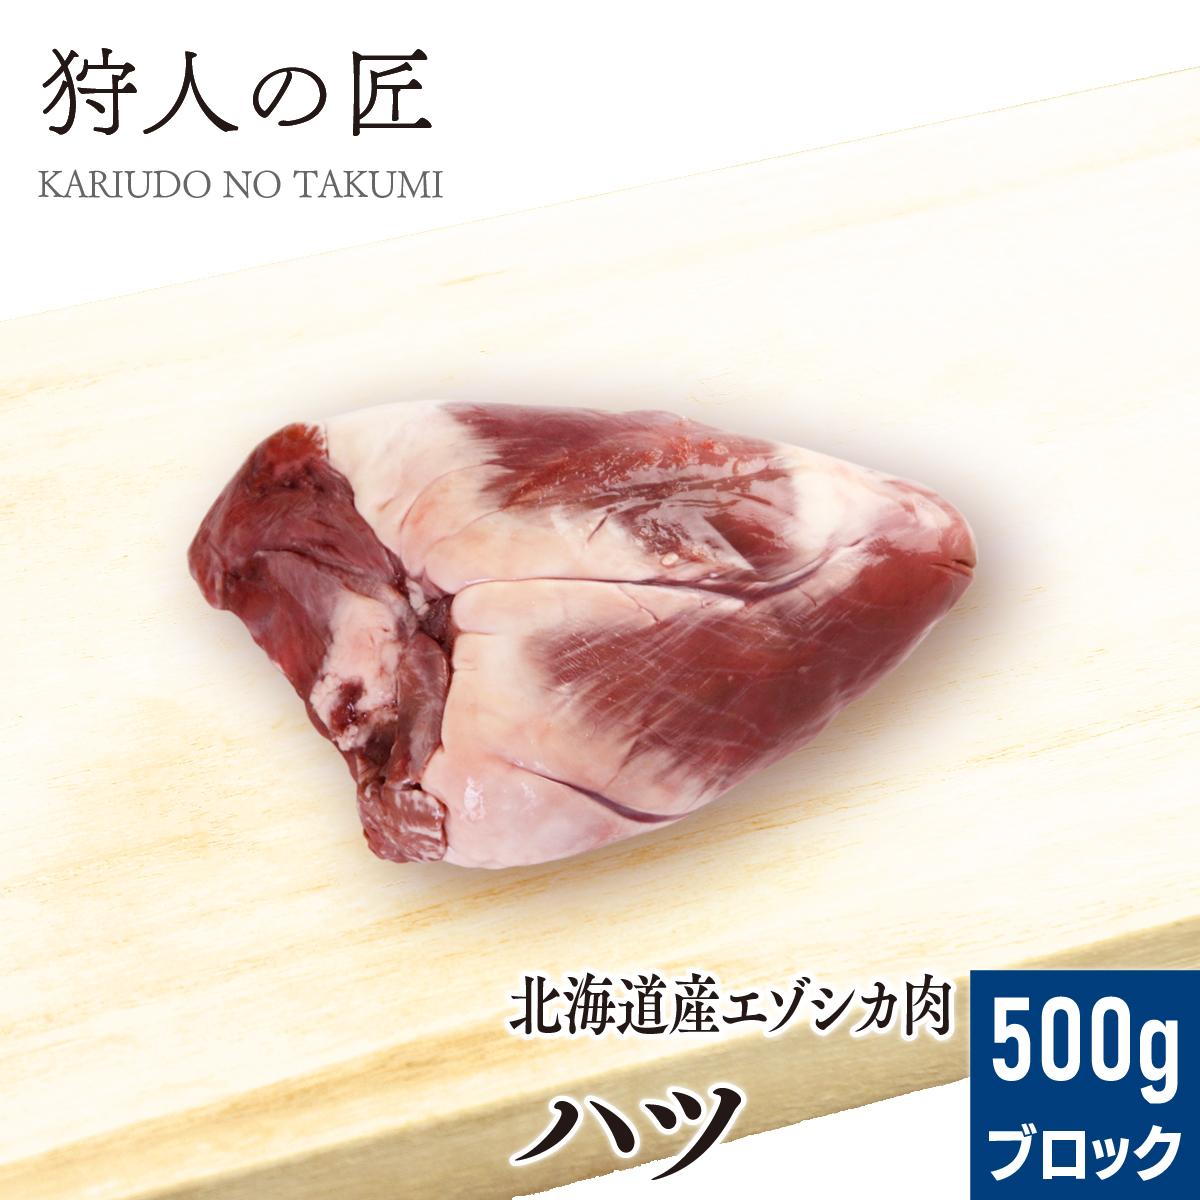 鹿肉はとってもヘルシー♪ 【北海道稚内産】エゾ鹿肉 ハツ (心臓) 500g (ブロック)【無添加】【エゾシカ肉/蝦夷鹿肉/えぞしか肉/ジビエ】